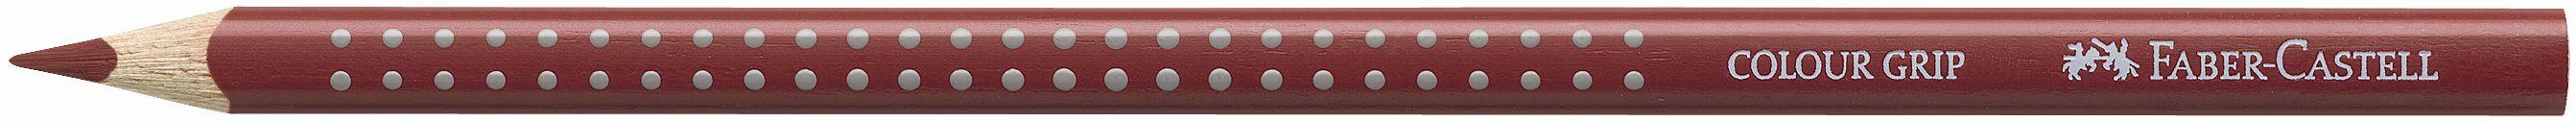 Pastelka Color Grip / 192 indická červená Faber Castell - Akvarelové pastelky Faber Castell - Akvarelové pastelky